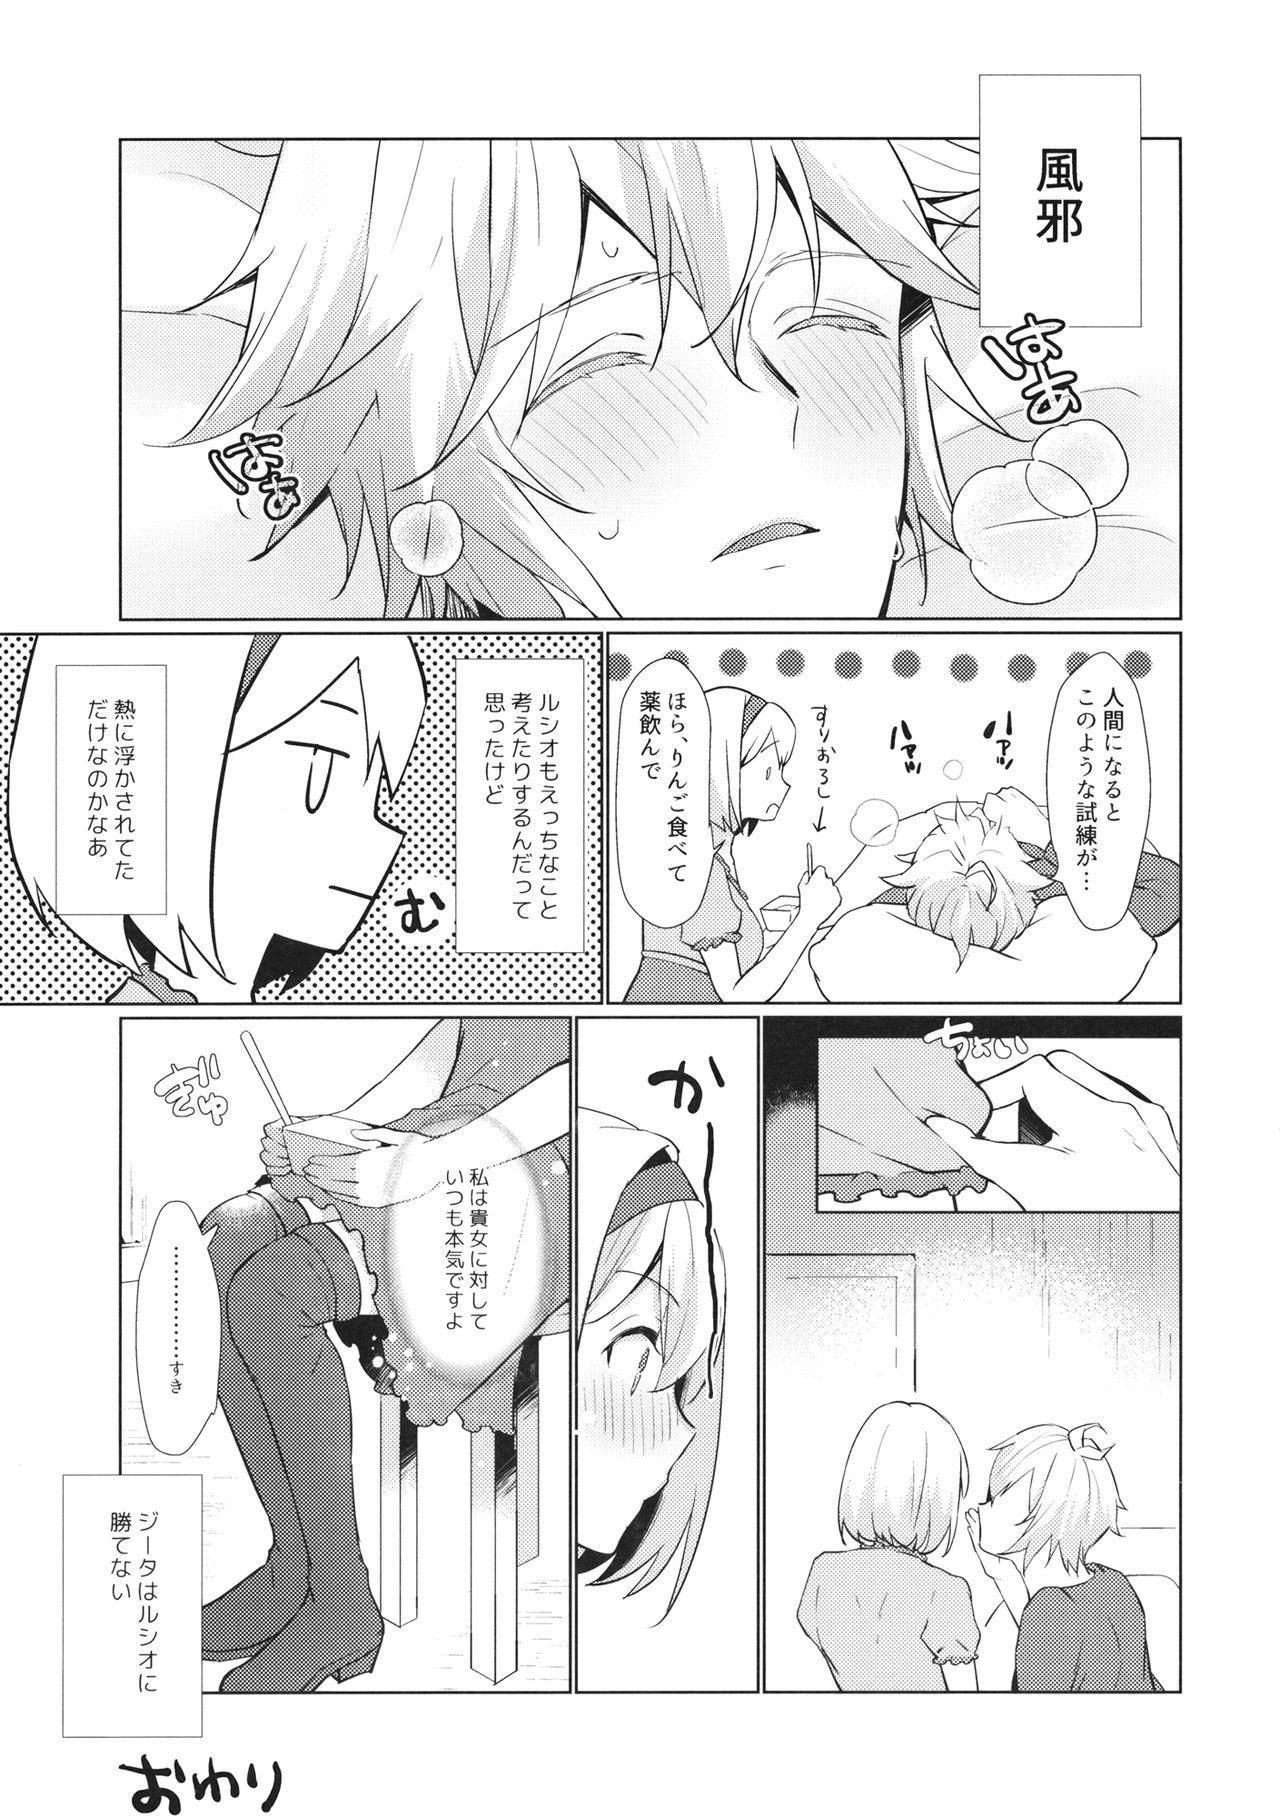 Jingai no Kare ga Ningen Seikatsu Hajimemashita 29